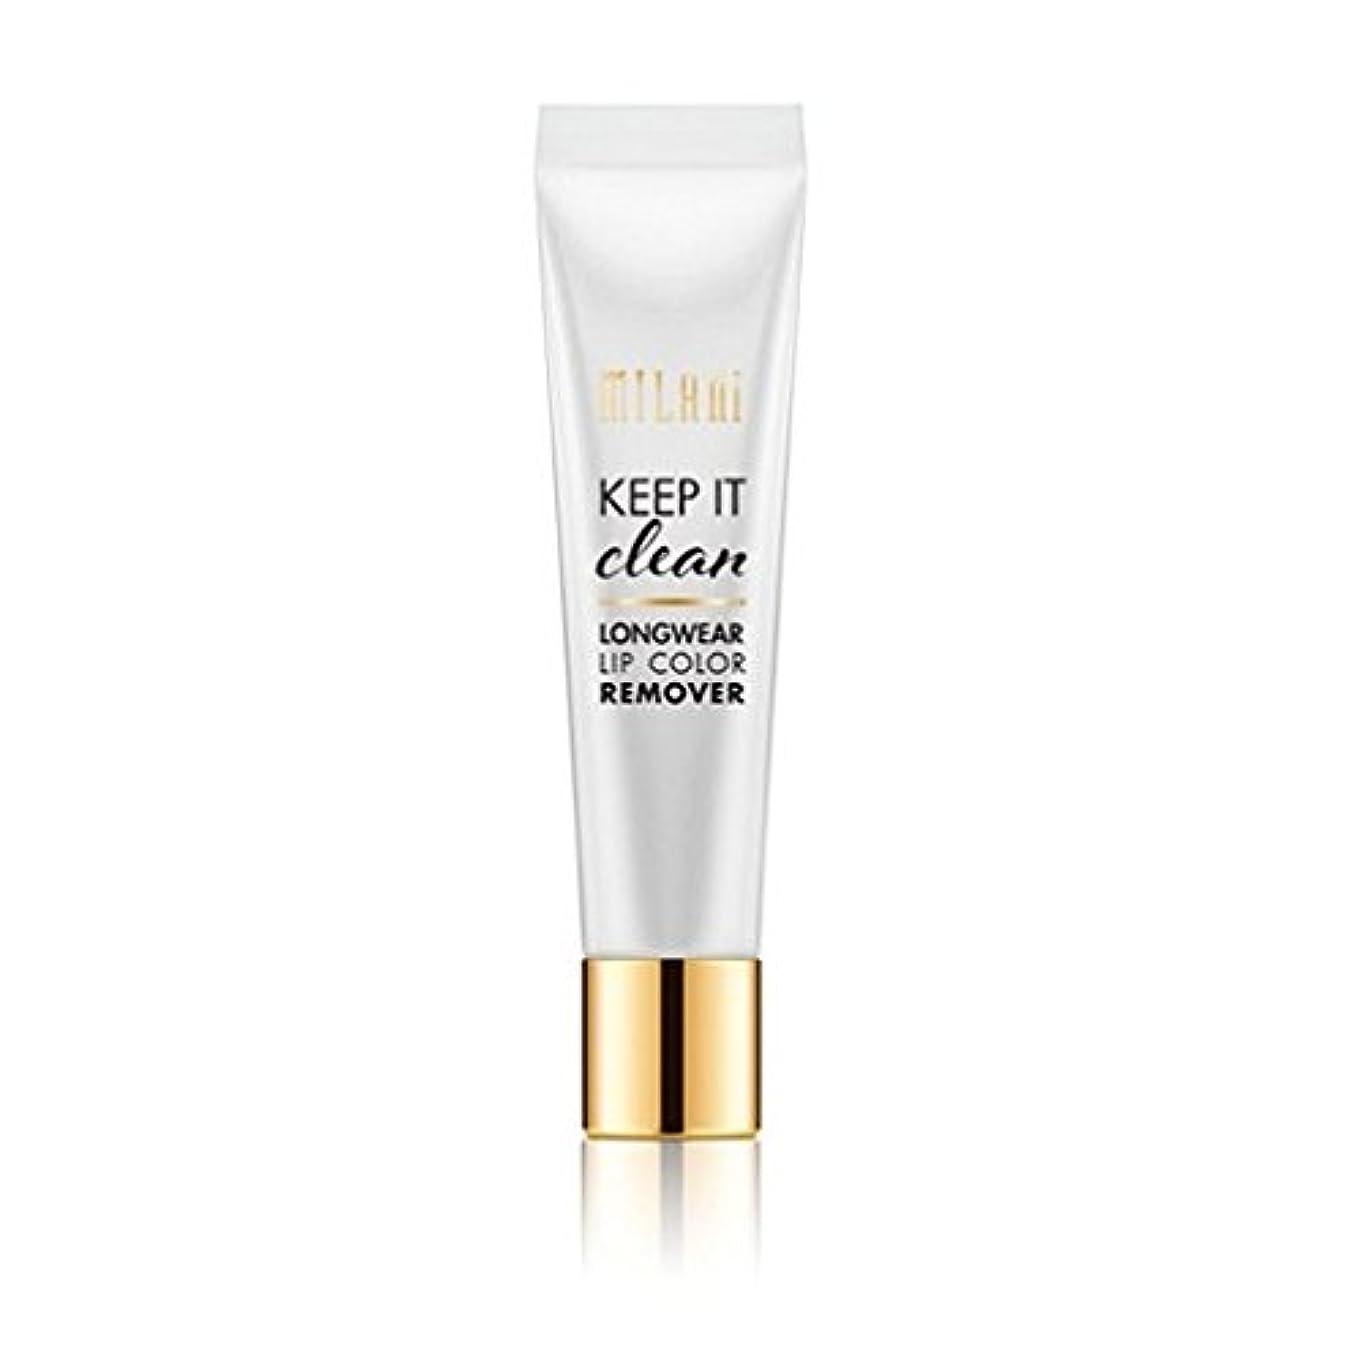 器用姿を消すキャンディーMILANI Keep It Clean Longwear Lip Color Remover (並行輸入品)